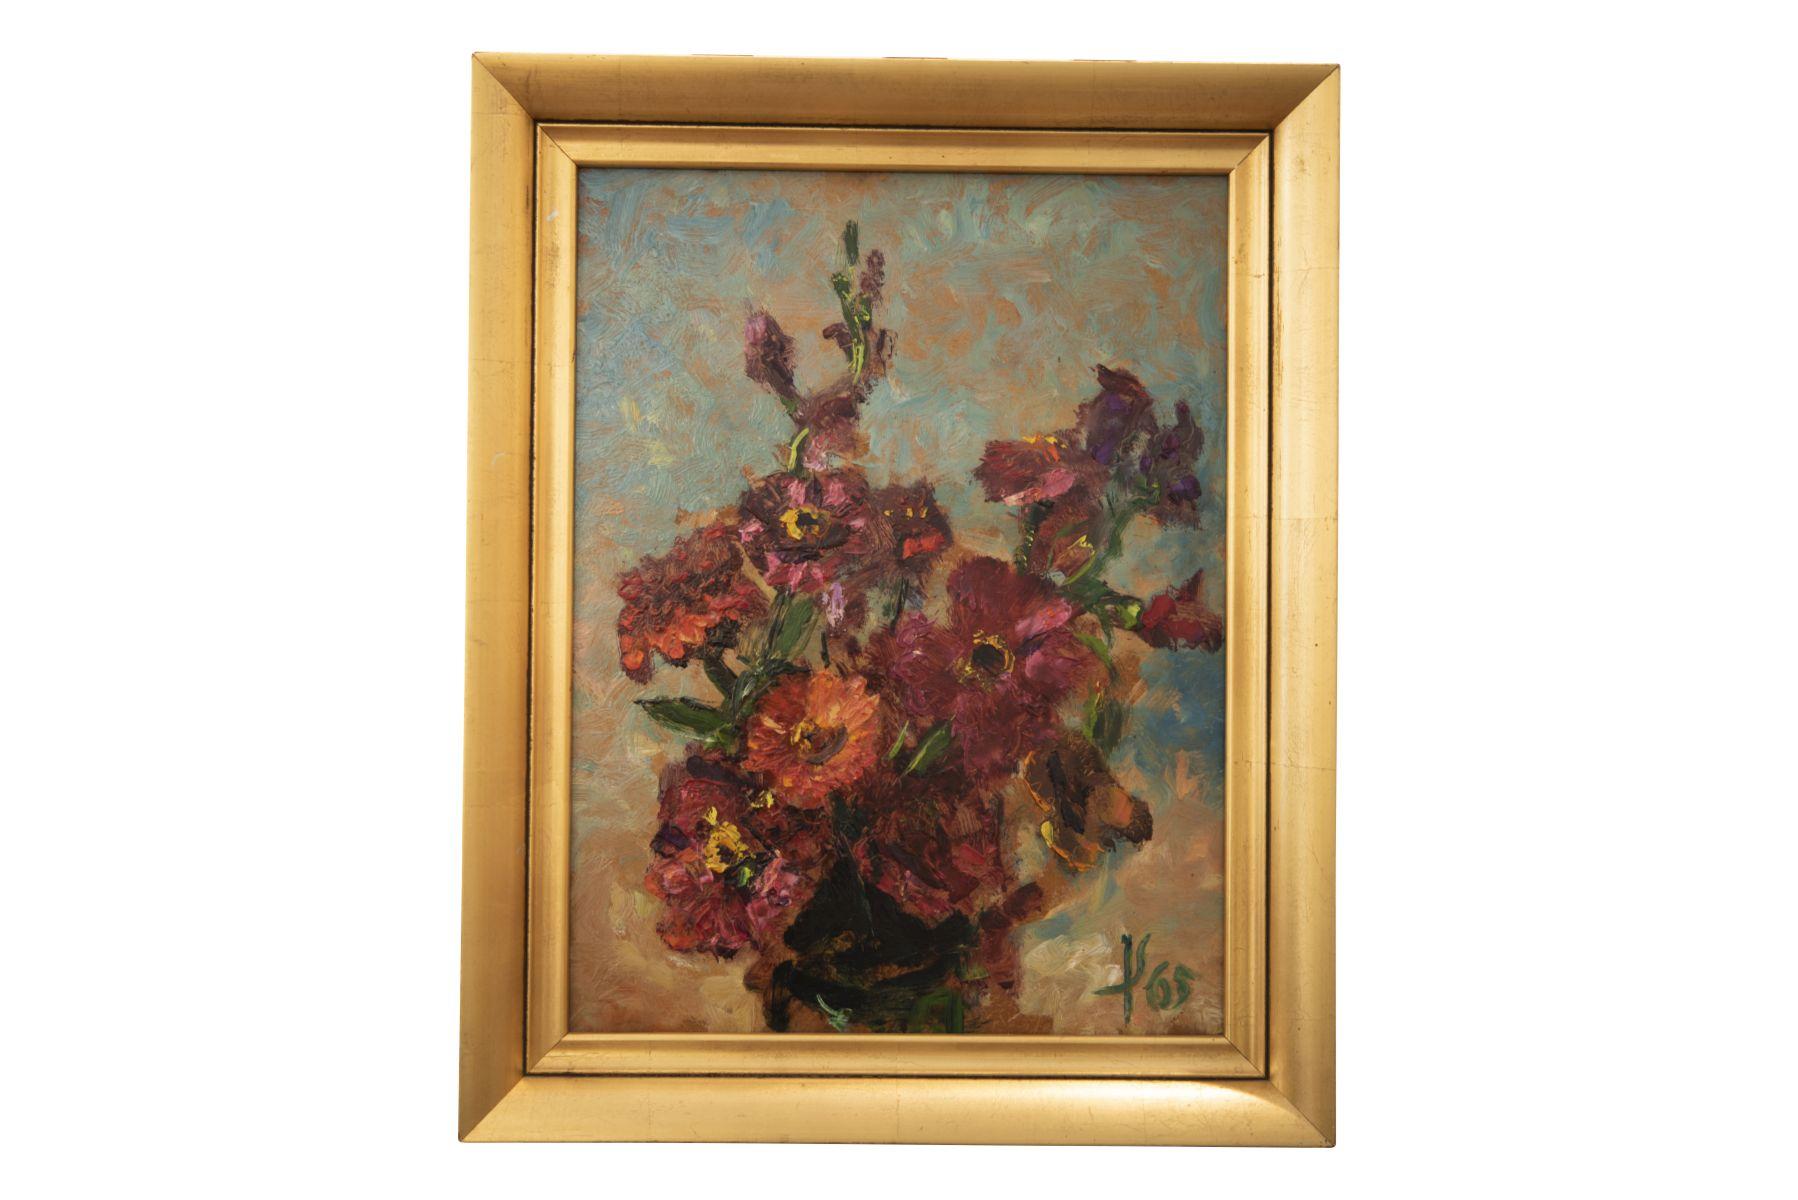 #132 Flower Still Life, monogrammed 1965 | Blumenstillleben, monogrammiert 1965 Image